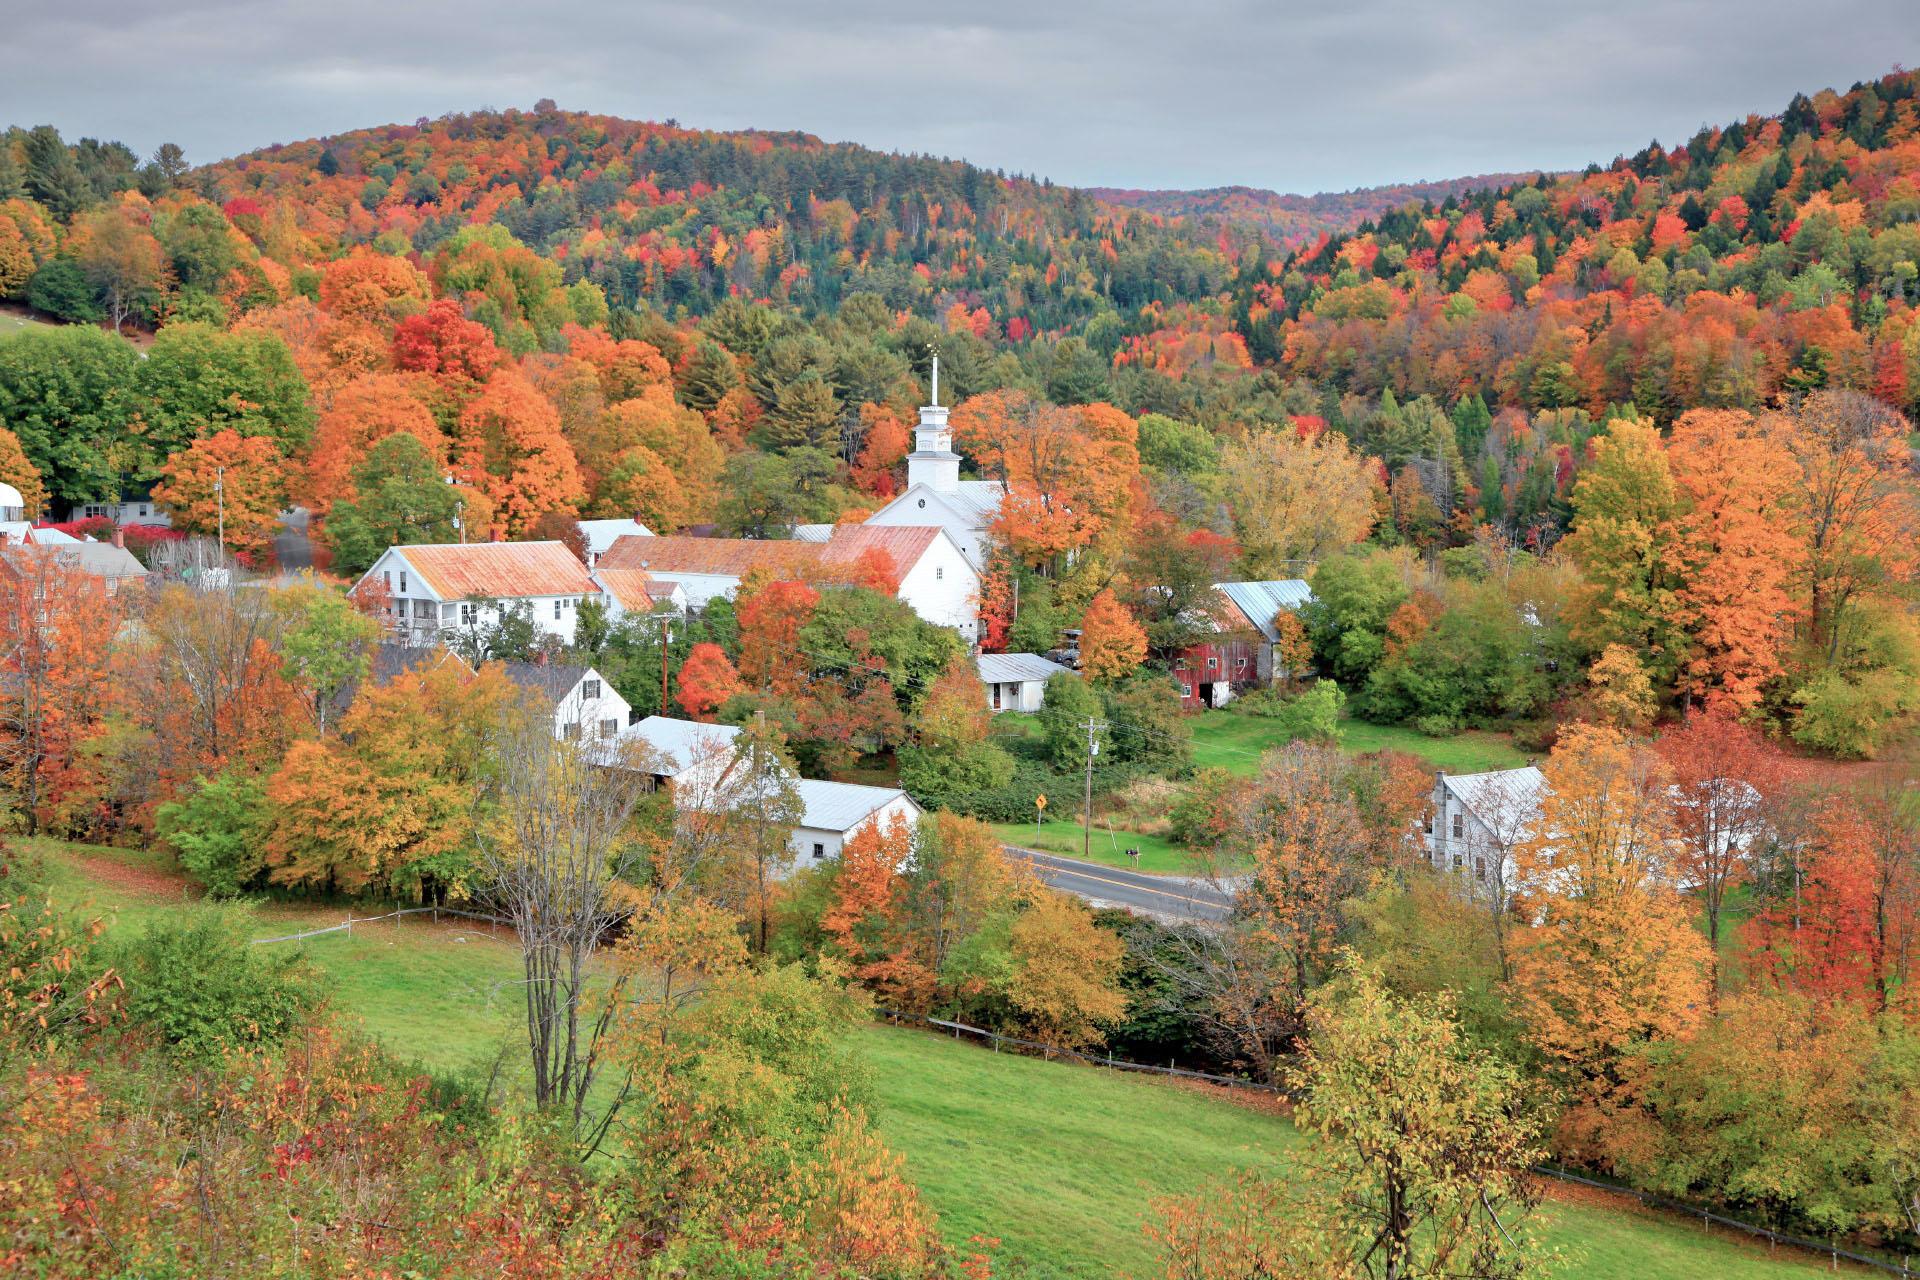 秋のバーモント州トップシャムの風景 カナダの秋の風景